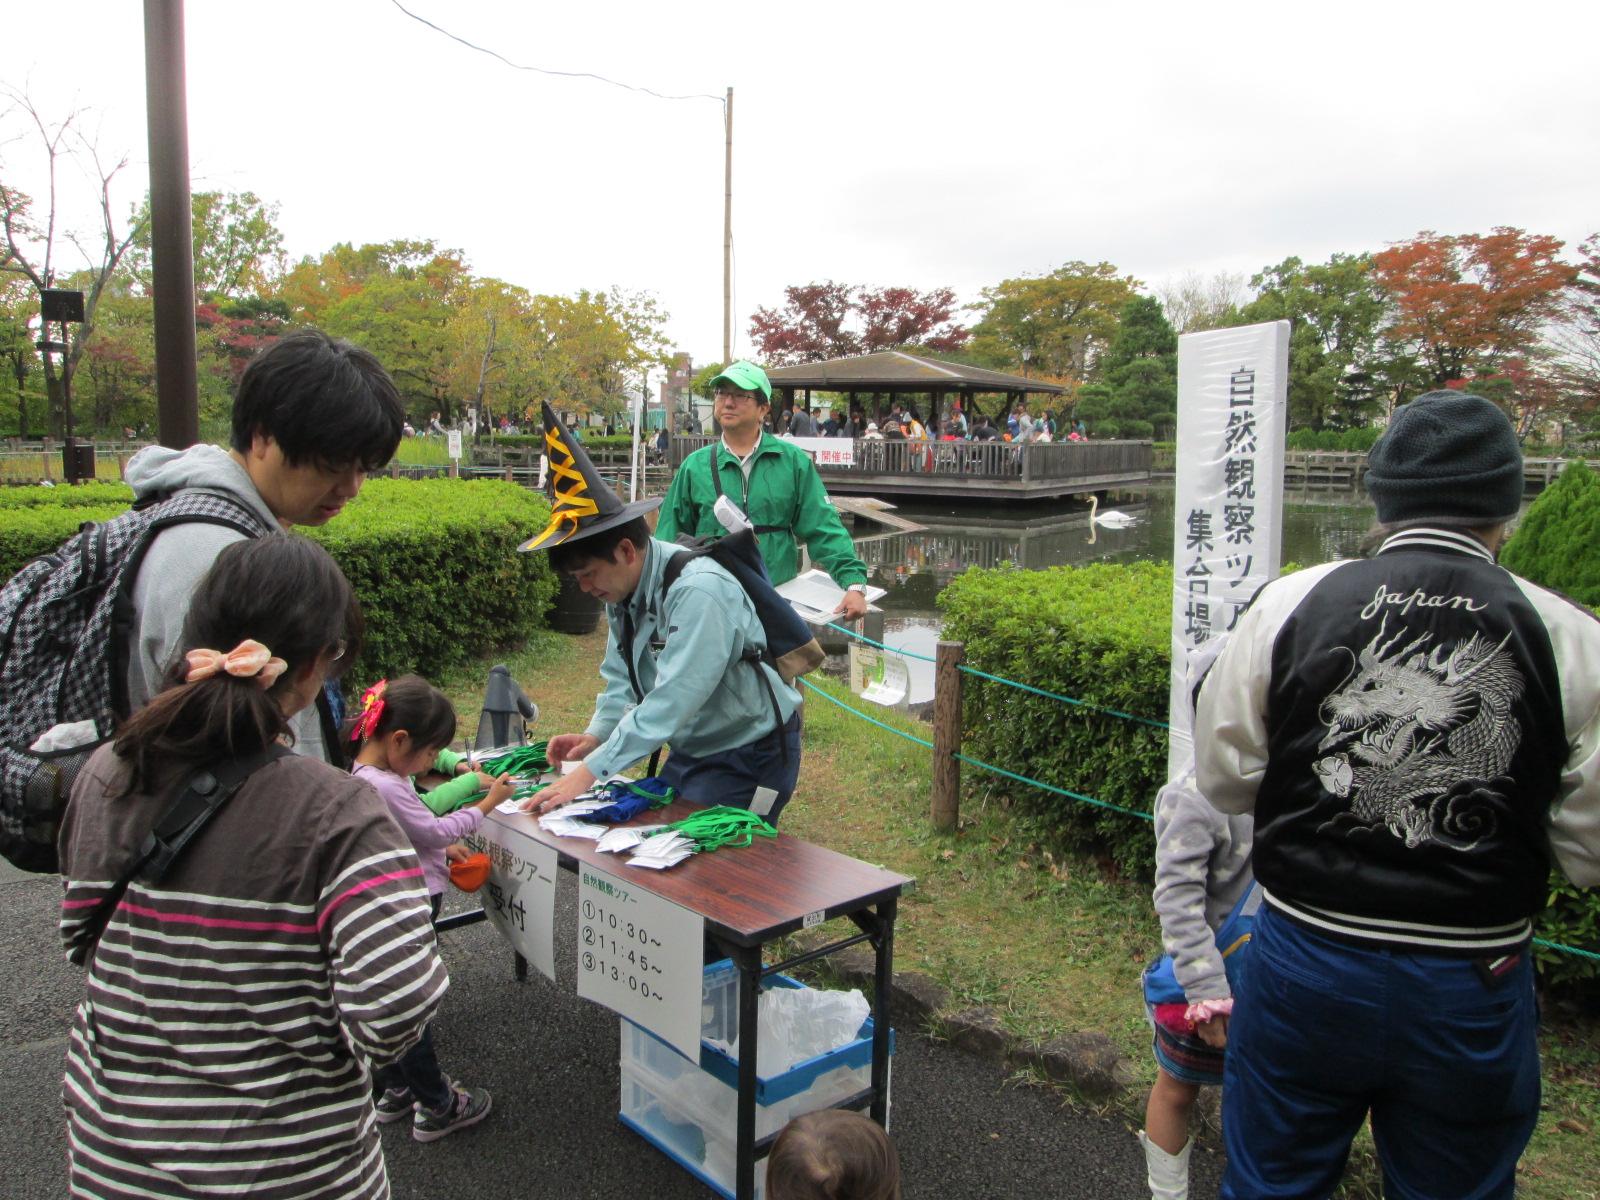 151031秋のイベント【自然観察ツアー】 (3)